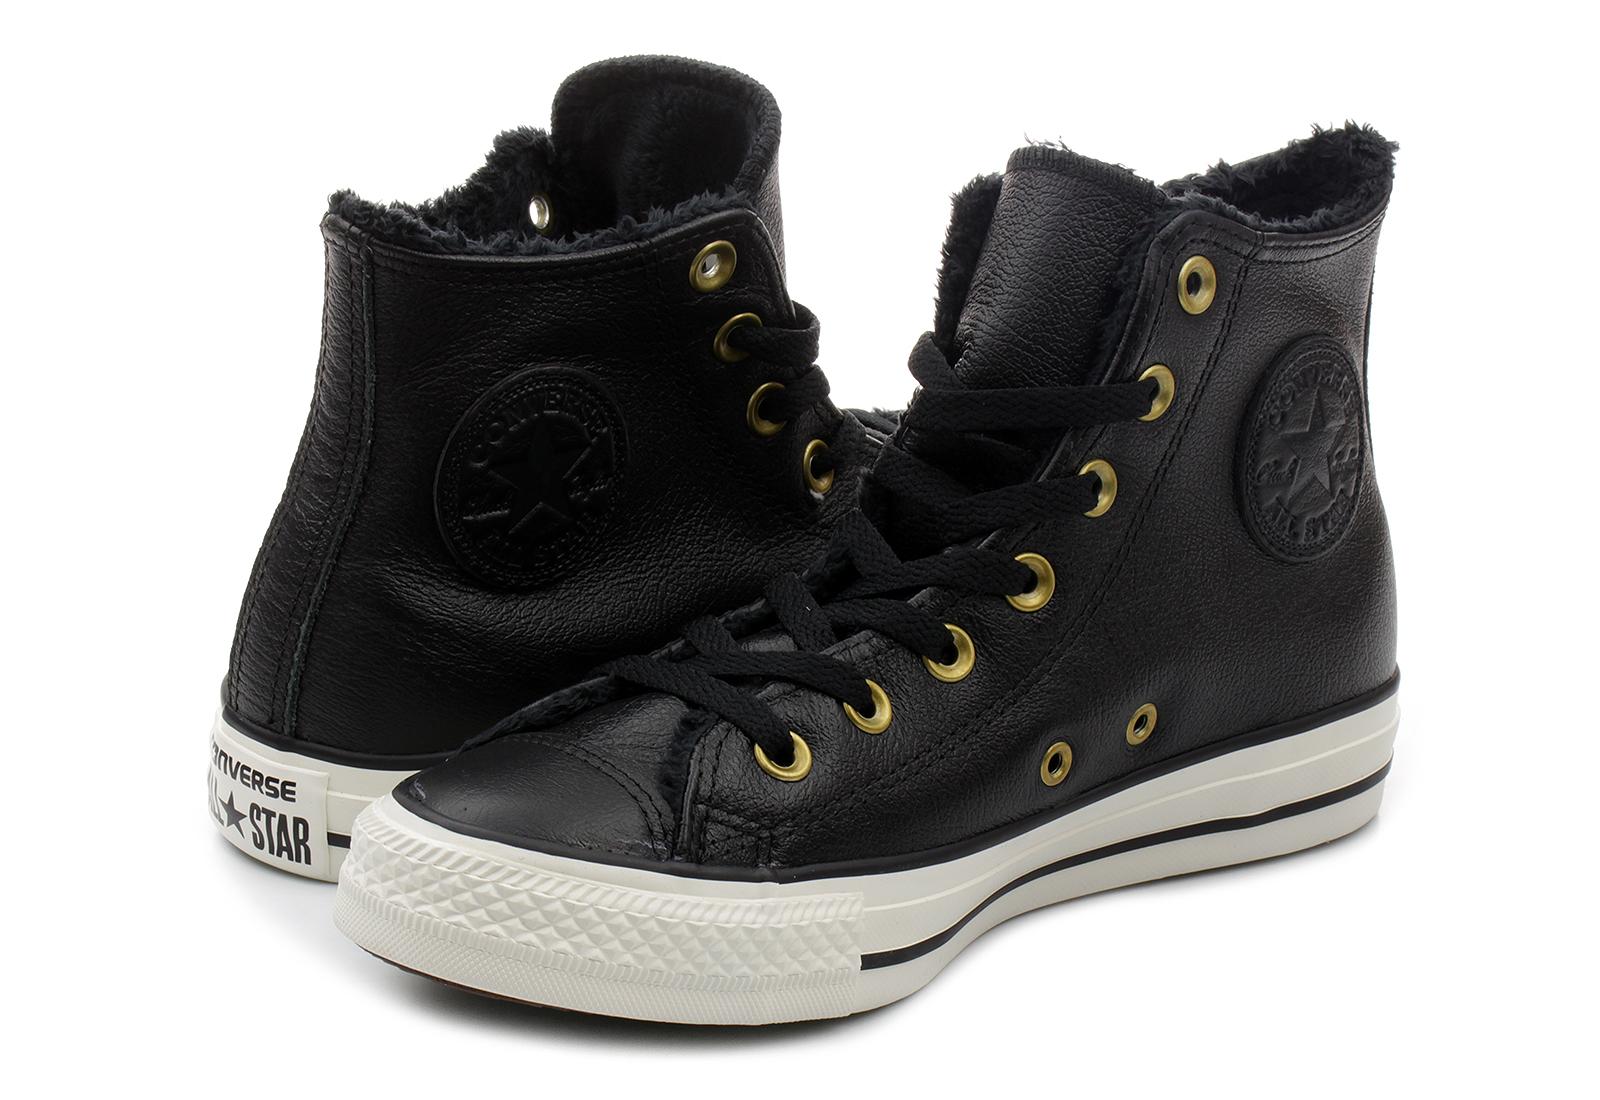 430d2a1442b Converse Tenisky - Ct As Leather   Fur - 557925CTenisky